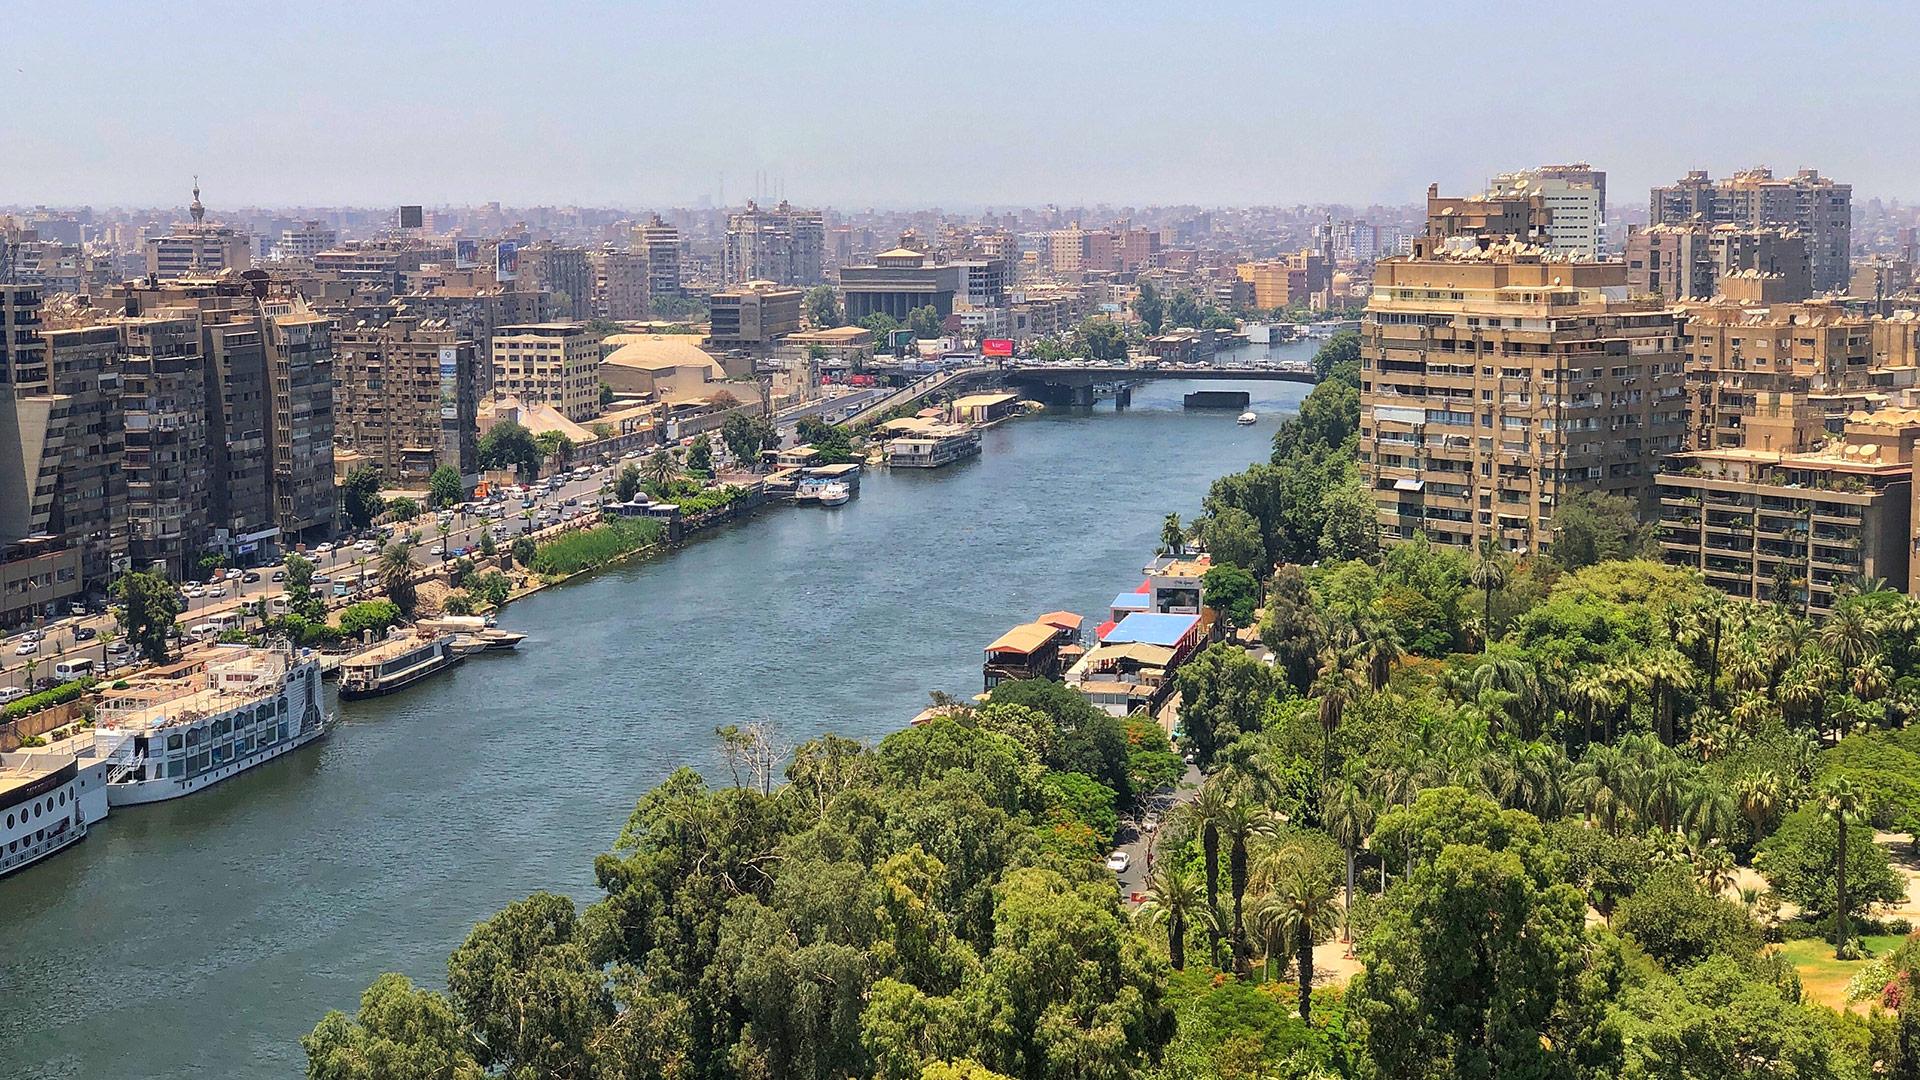 Bina-Qurani-Sungai-Terpanjang-Di-Dunia